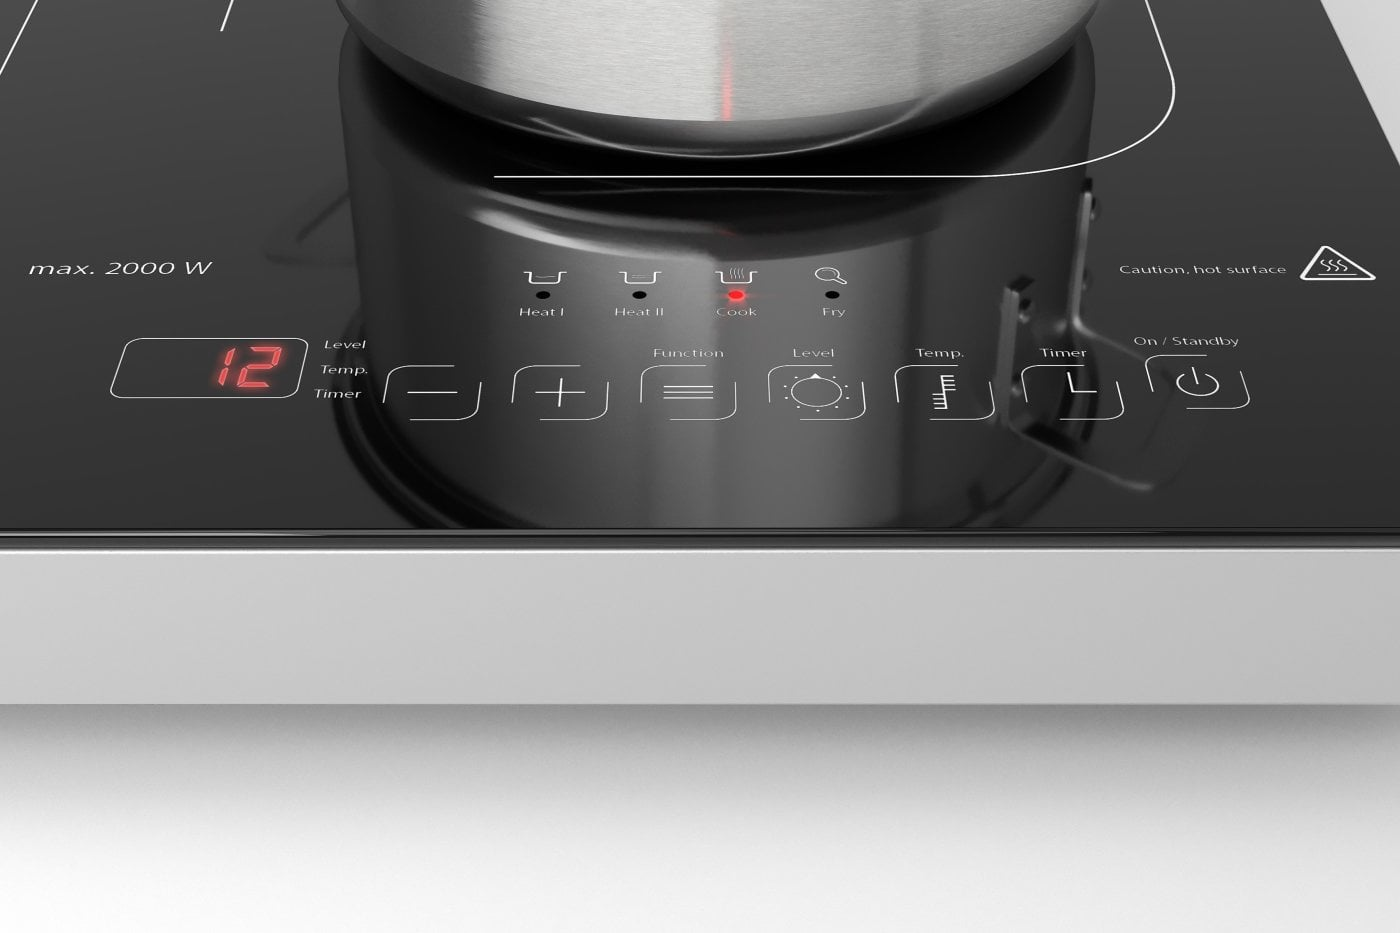 60-240 /°C vitroc/éramique CASO Touch 3500 Plaque /à induction double mobile minuterie 180 min 6 niveaux interrupteur de s/écurit/é casseroles jusqu/à 26 cm 3500 W